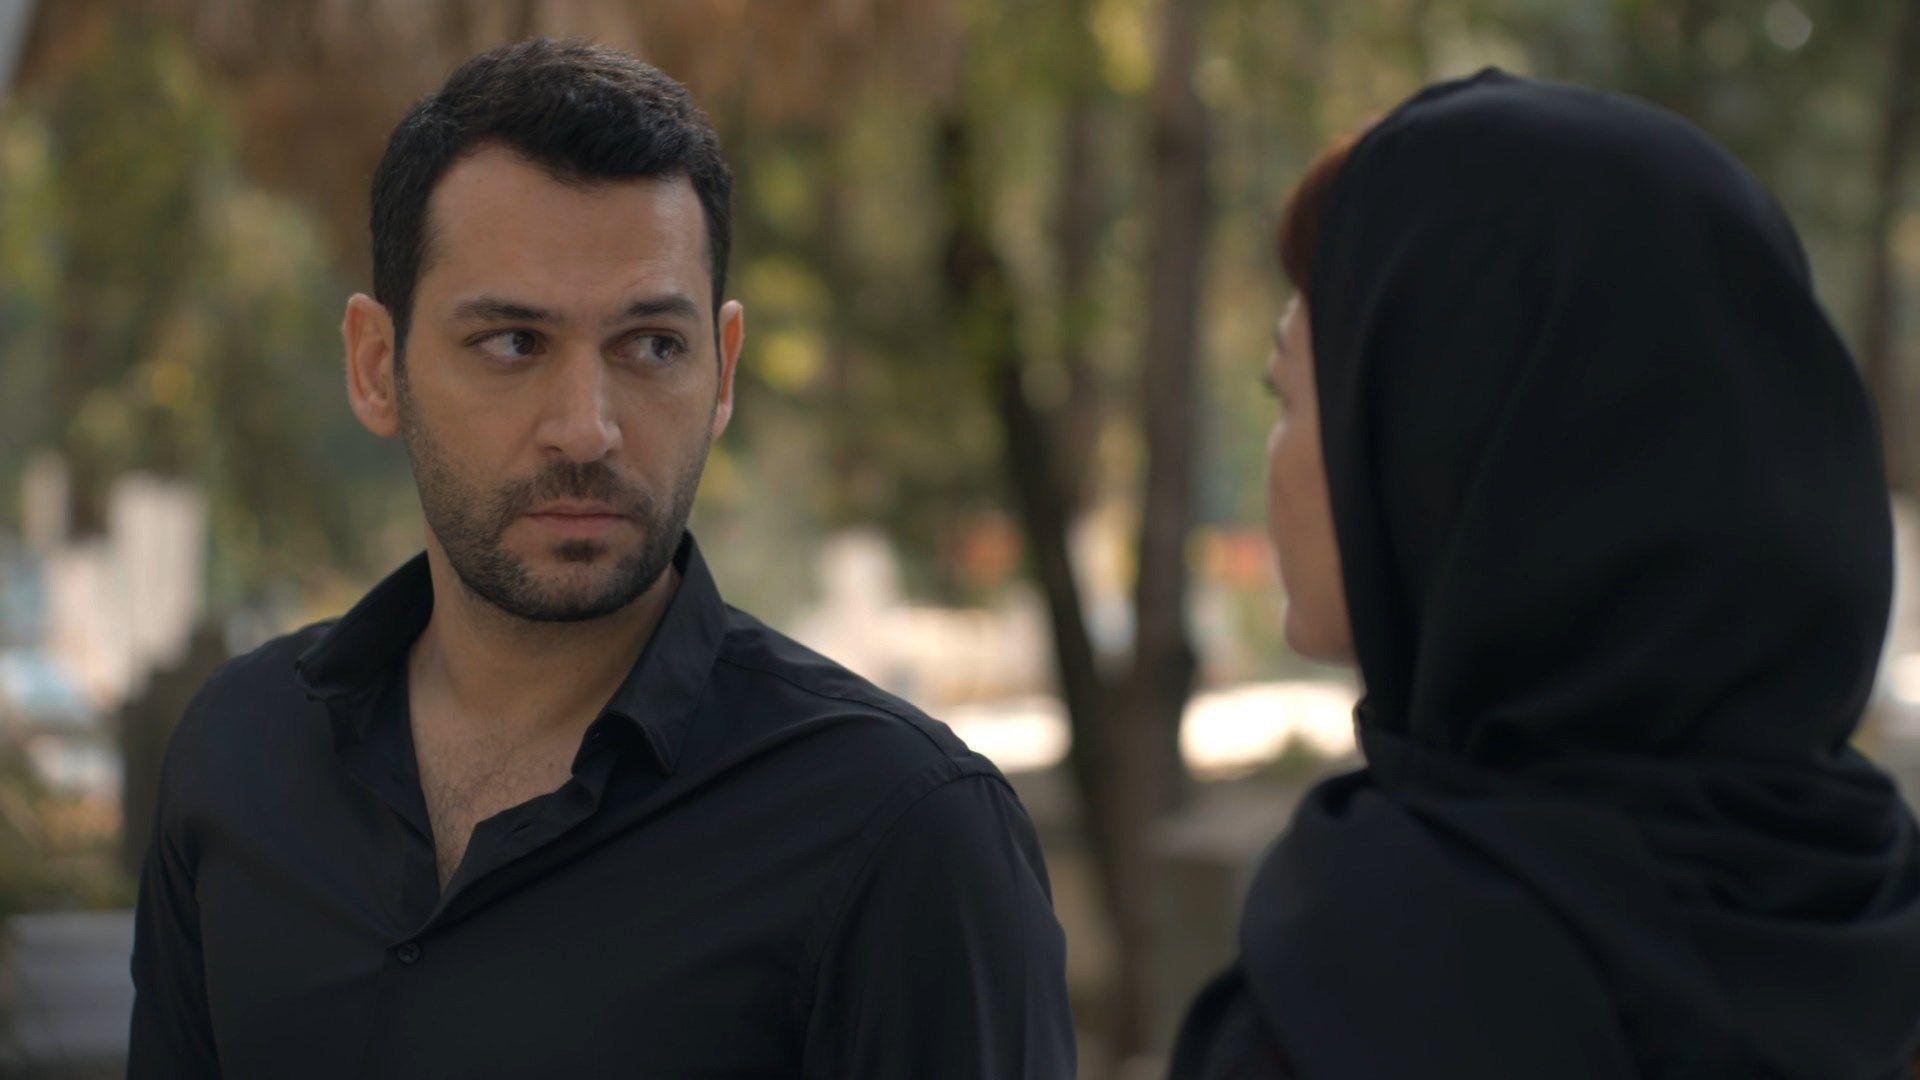 Turkish actor Murat Yıldırım in Ramo Turkish TV drama